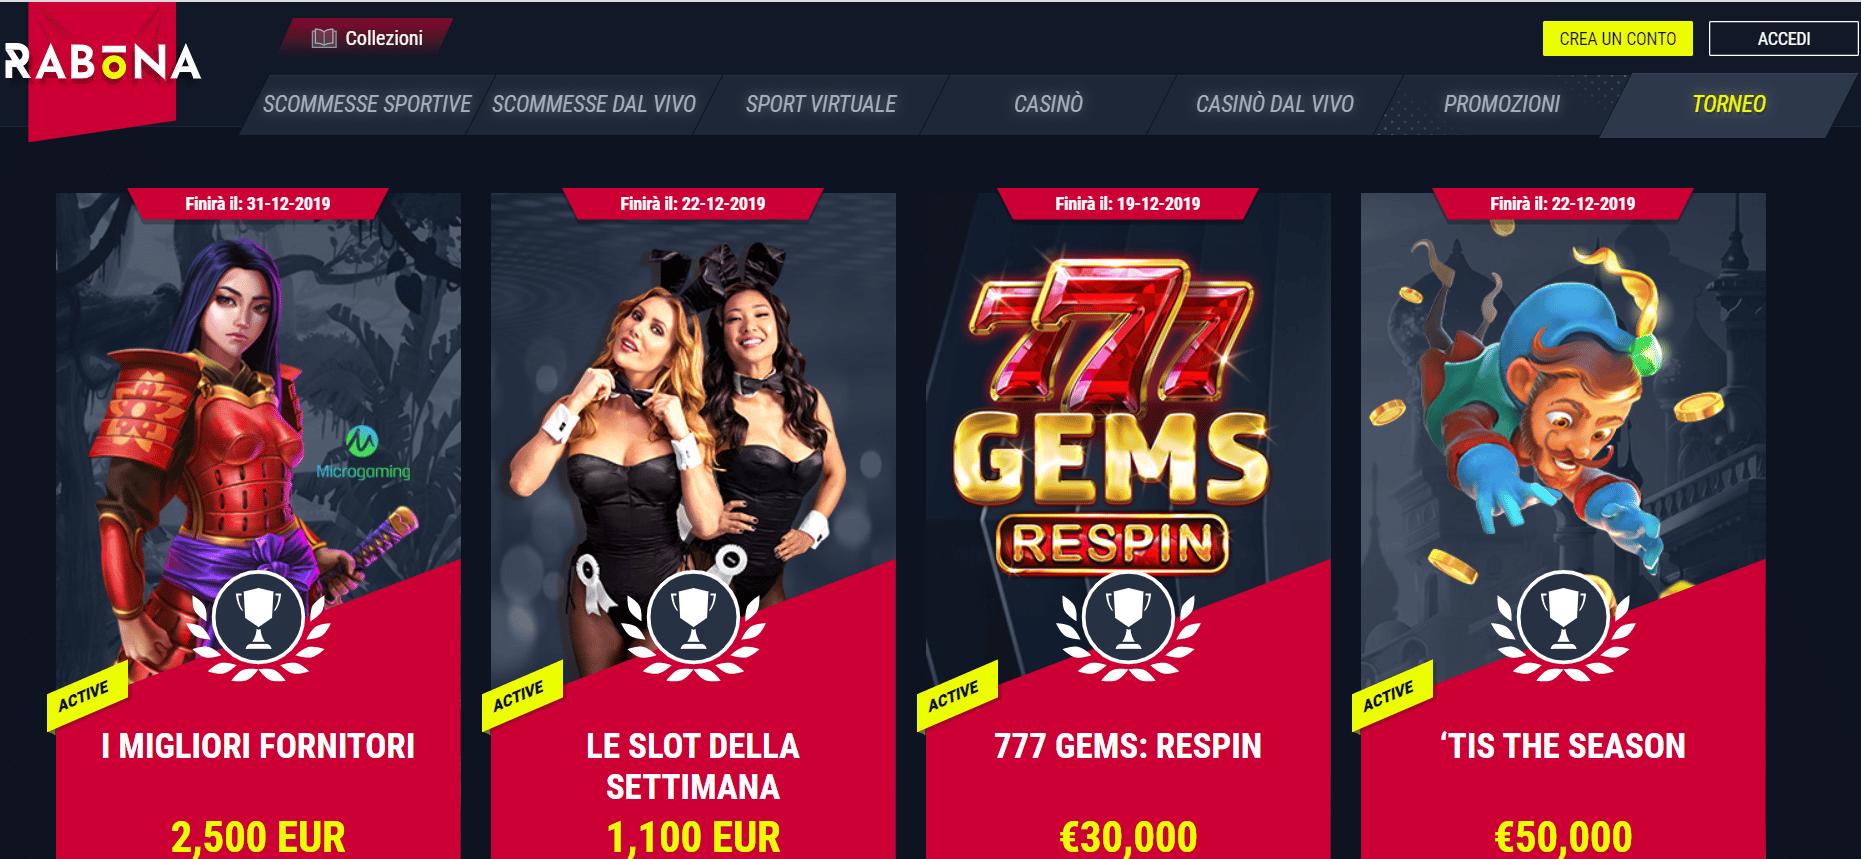 Tornei Casino Rabona